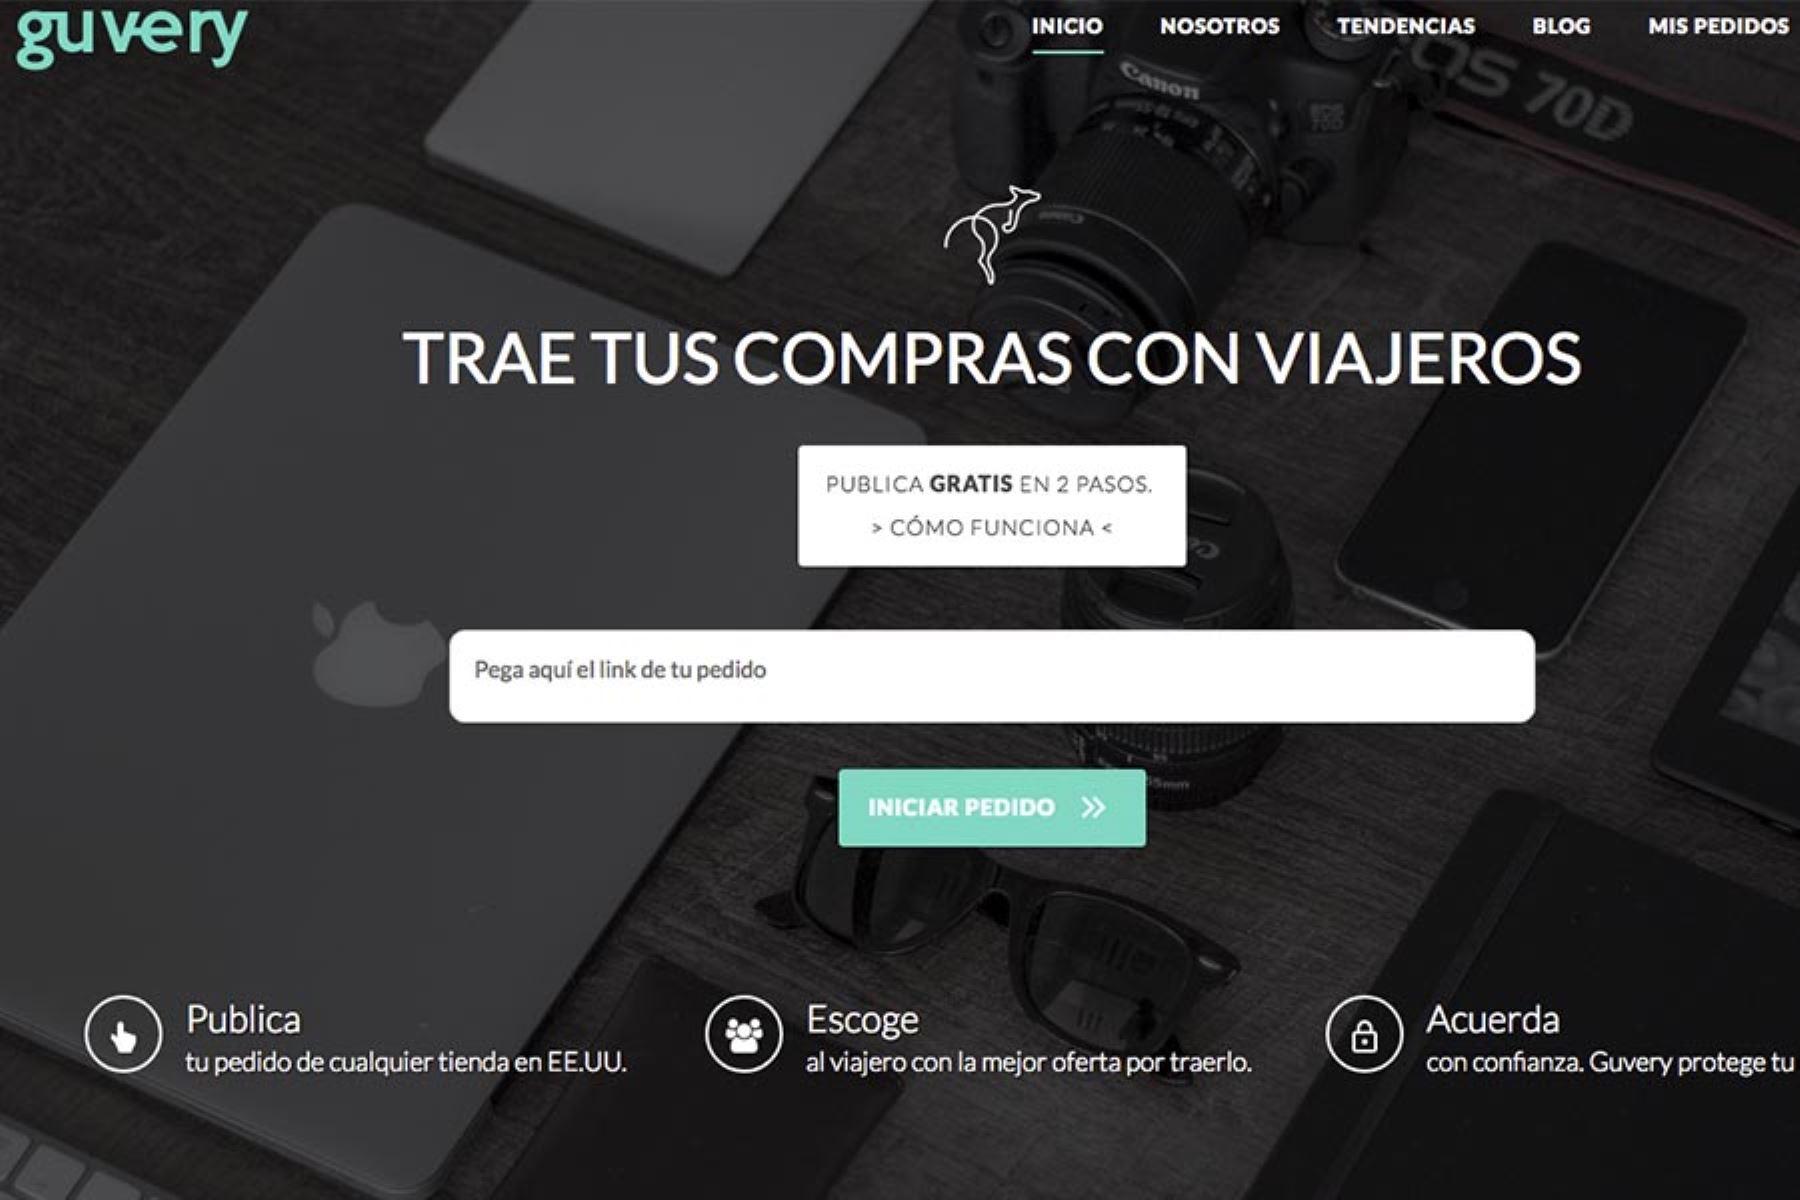 Startup peruana diseña plataforma para compras en Estados Unidos